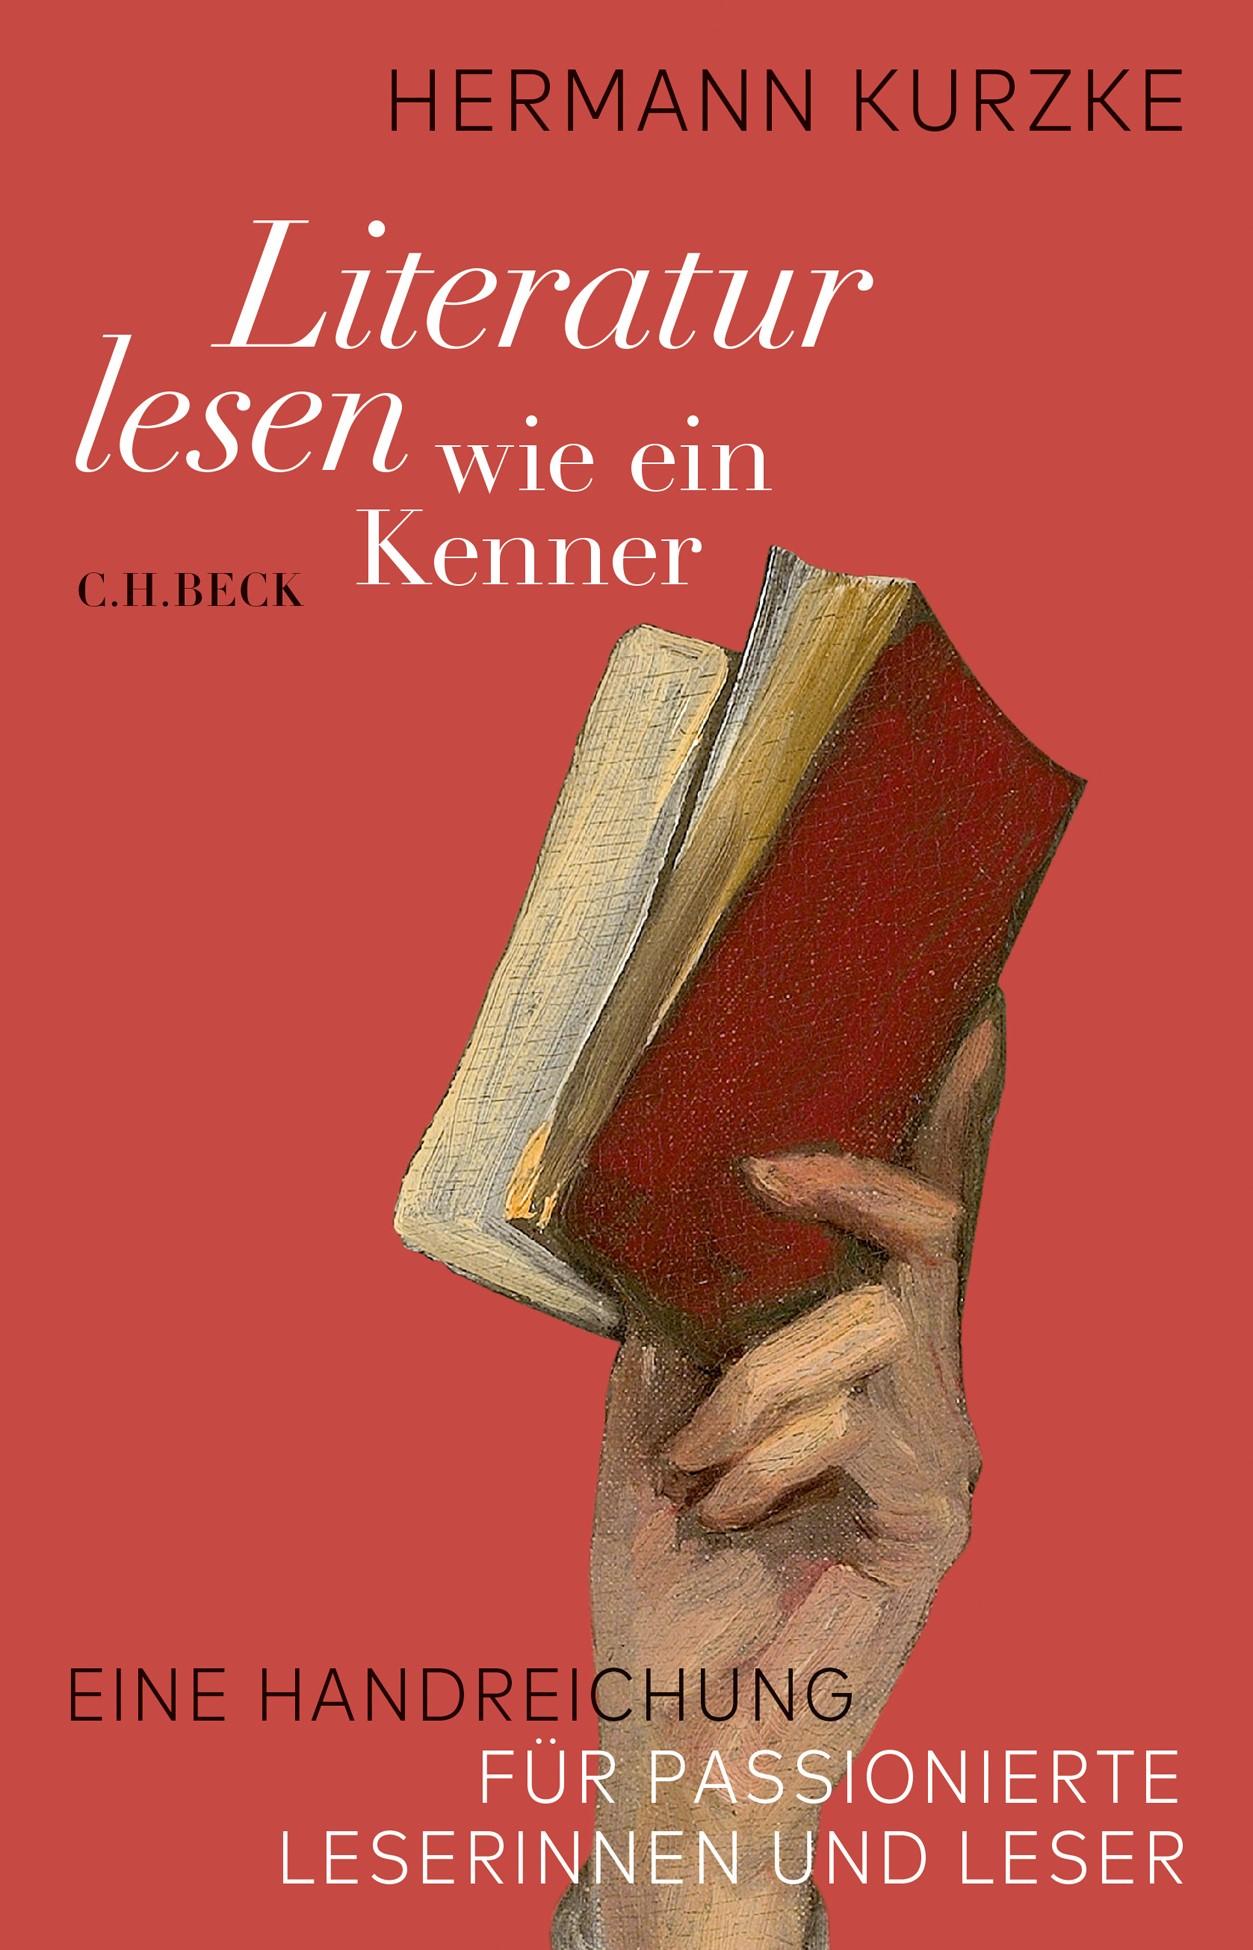 Kurzke, Hermann Literatur lesen wie ein Kenner EINE HANDREICHUNG FÜR PASSIONIERTE LESERINNEN UND LESER